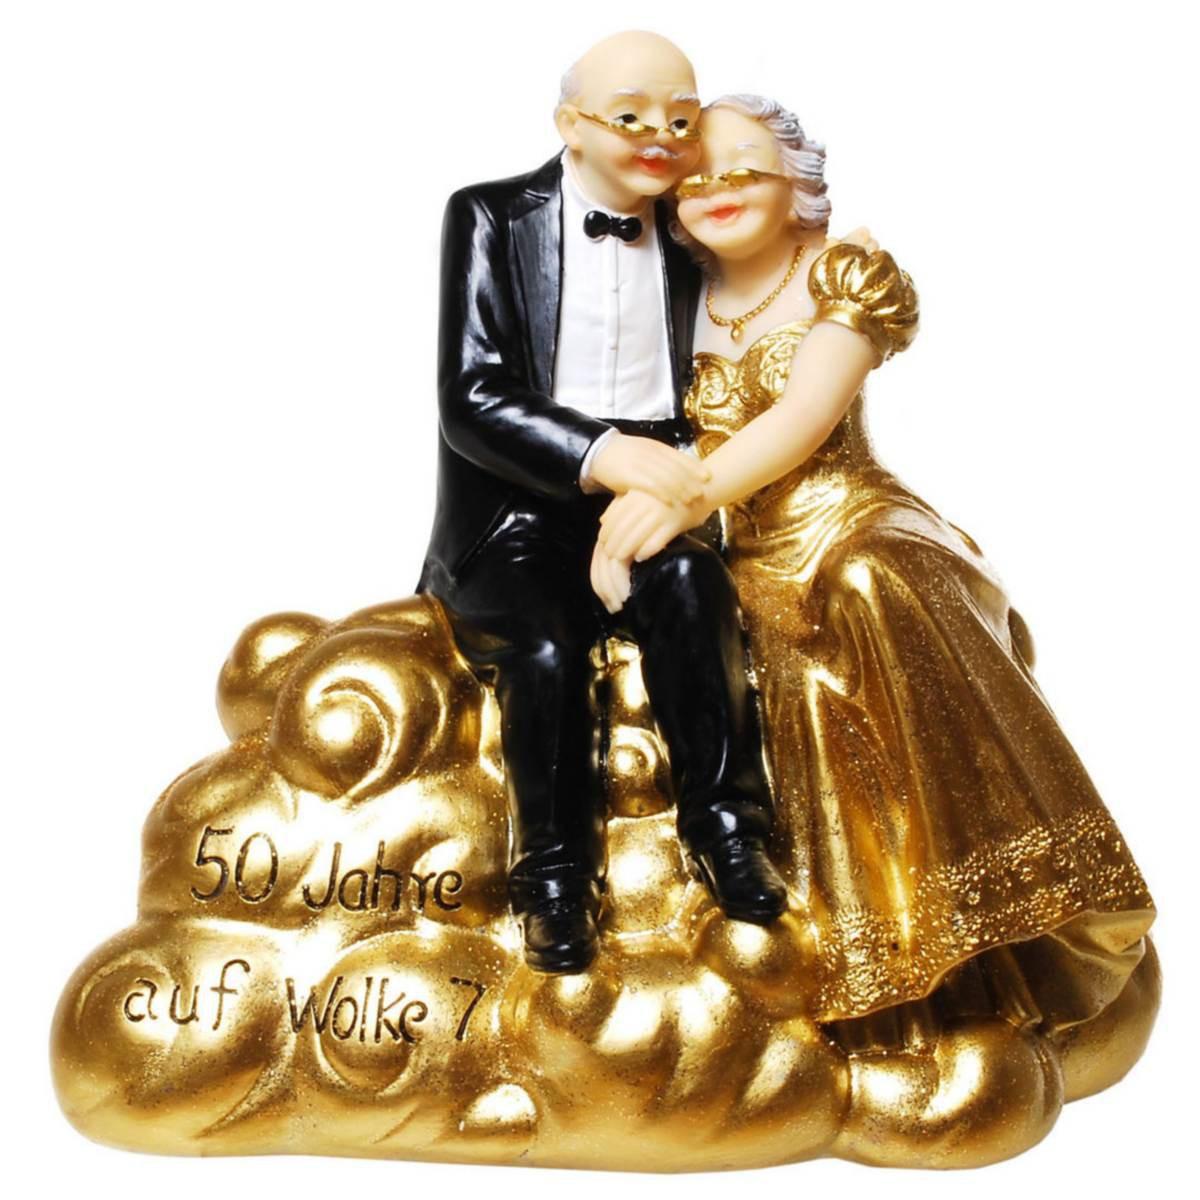 Goldene Hochzeit Spardose 165cm Brautpaar Schwebt Auf Wolke 7